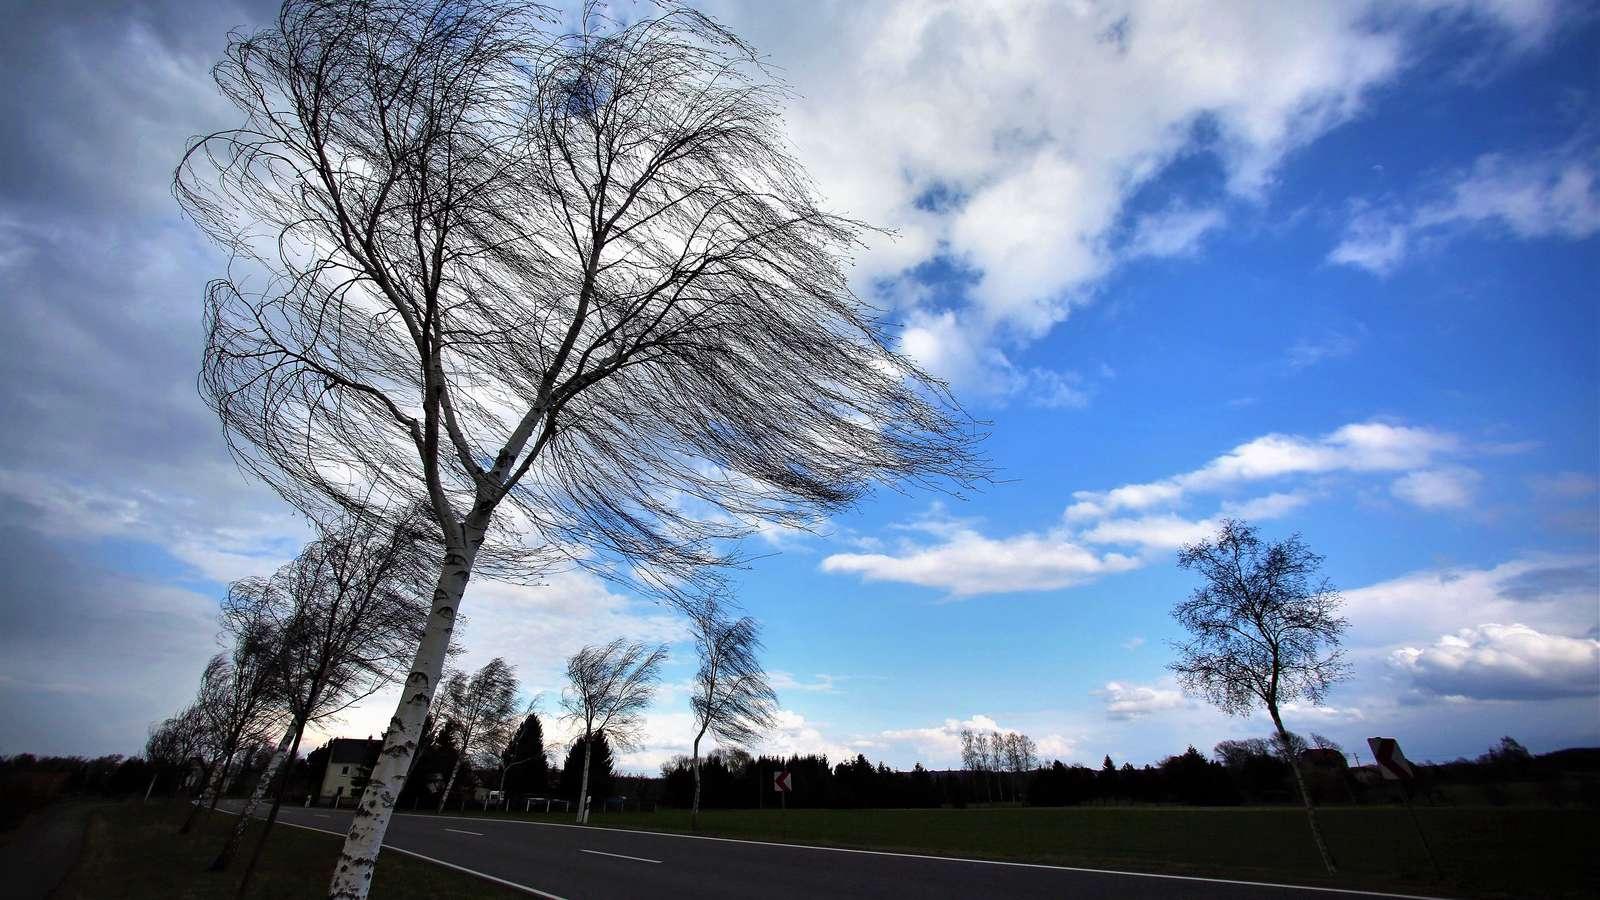 Tájékoztató a tavaszi időjárás veszélyeire való felkészülésről